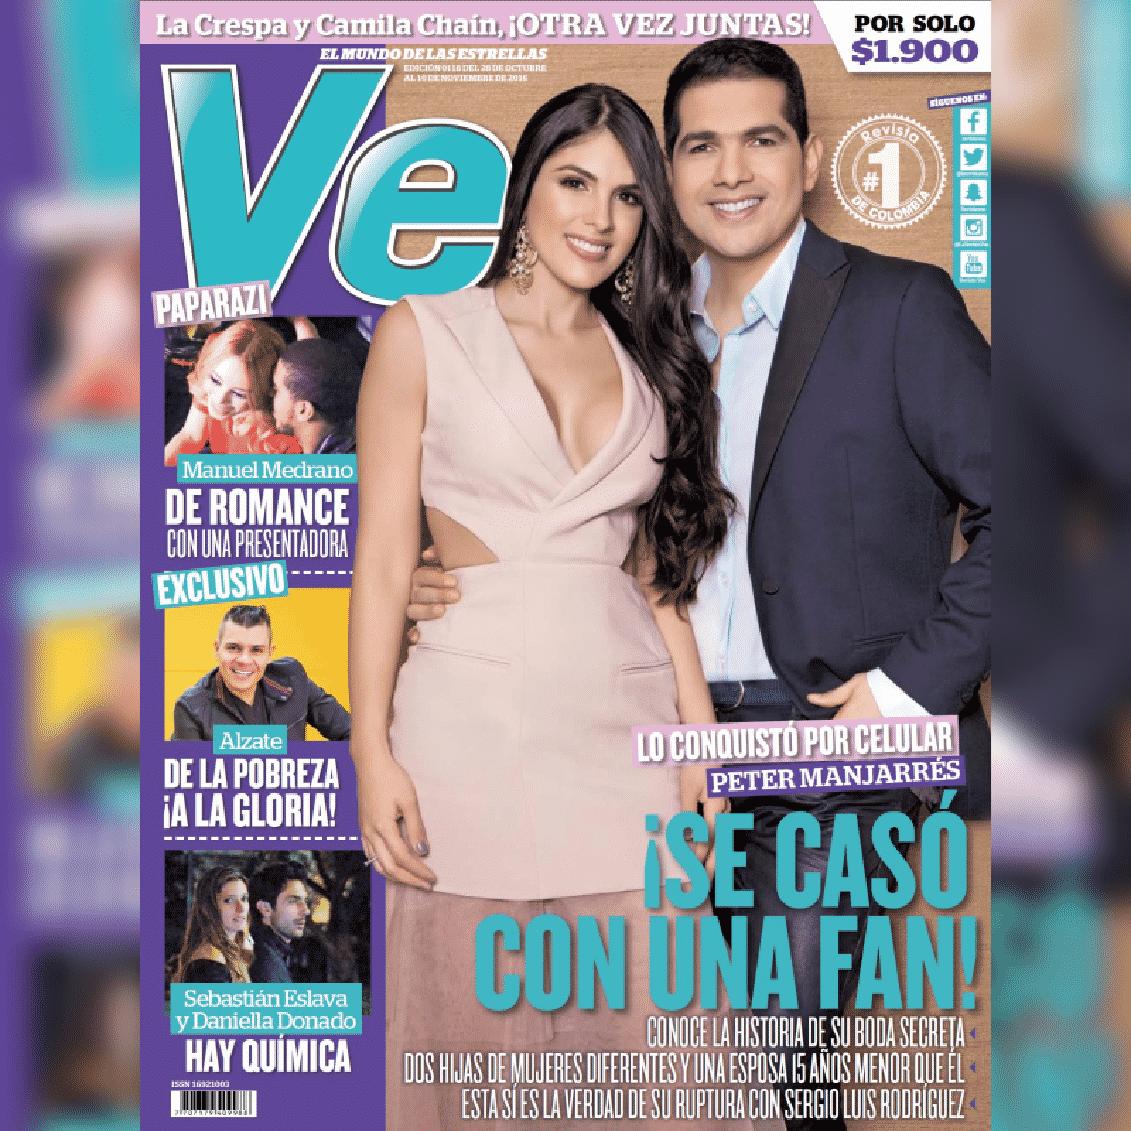 Peter Manjarrés y su esposa, son la portada de la revista Vea